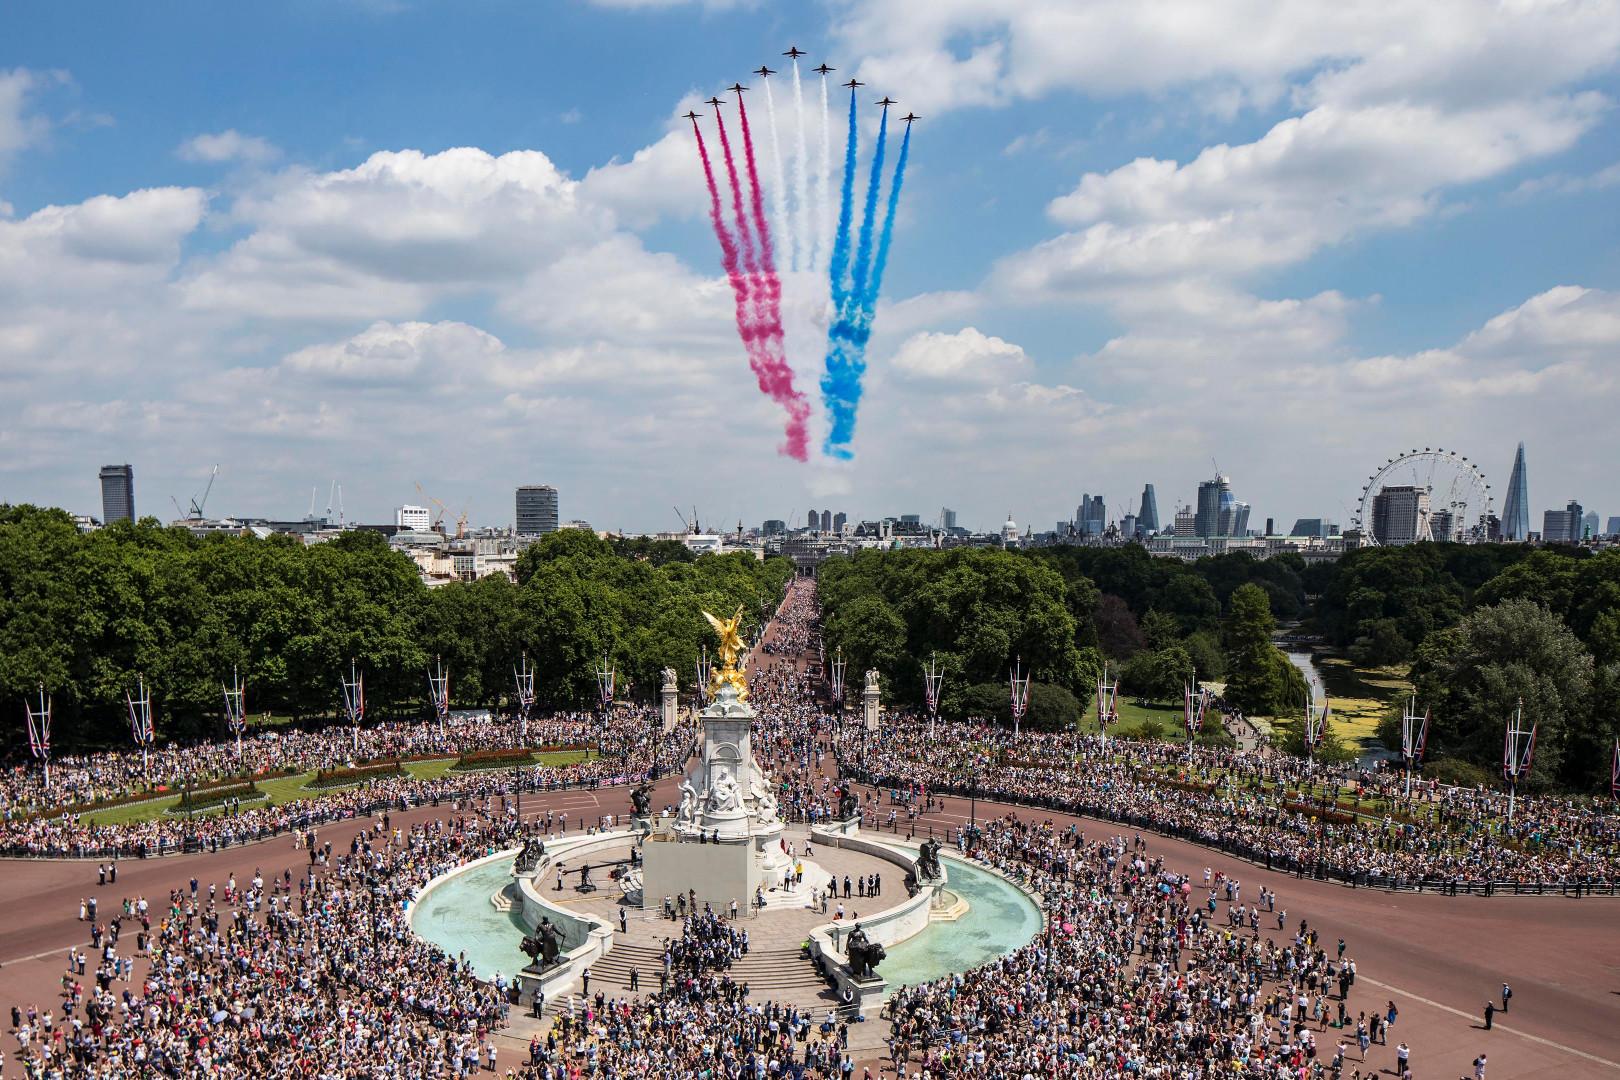 La foule à Londres, rassemblée pour la célébrations du 91e anniversaire de la Reine, le 17 juin 2017